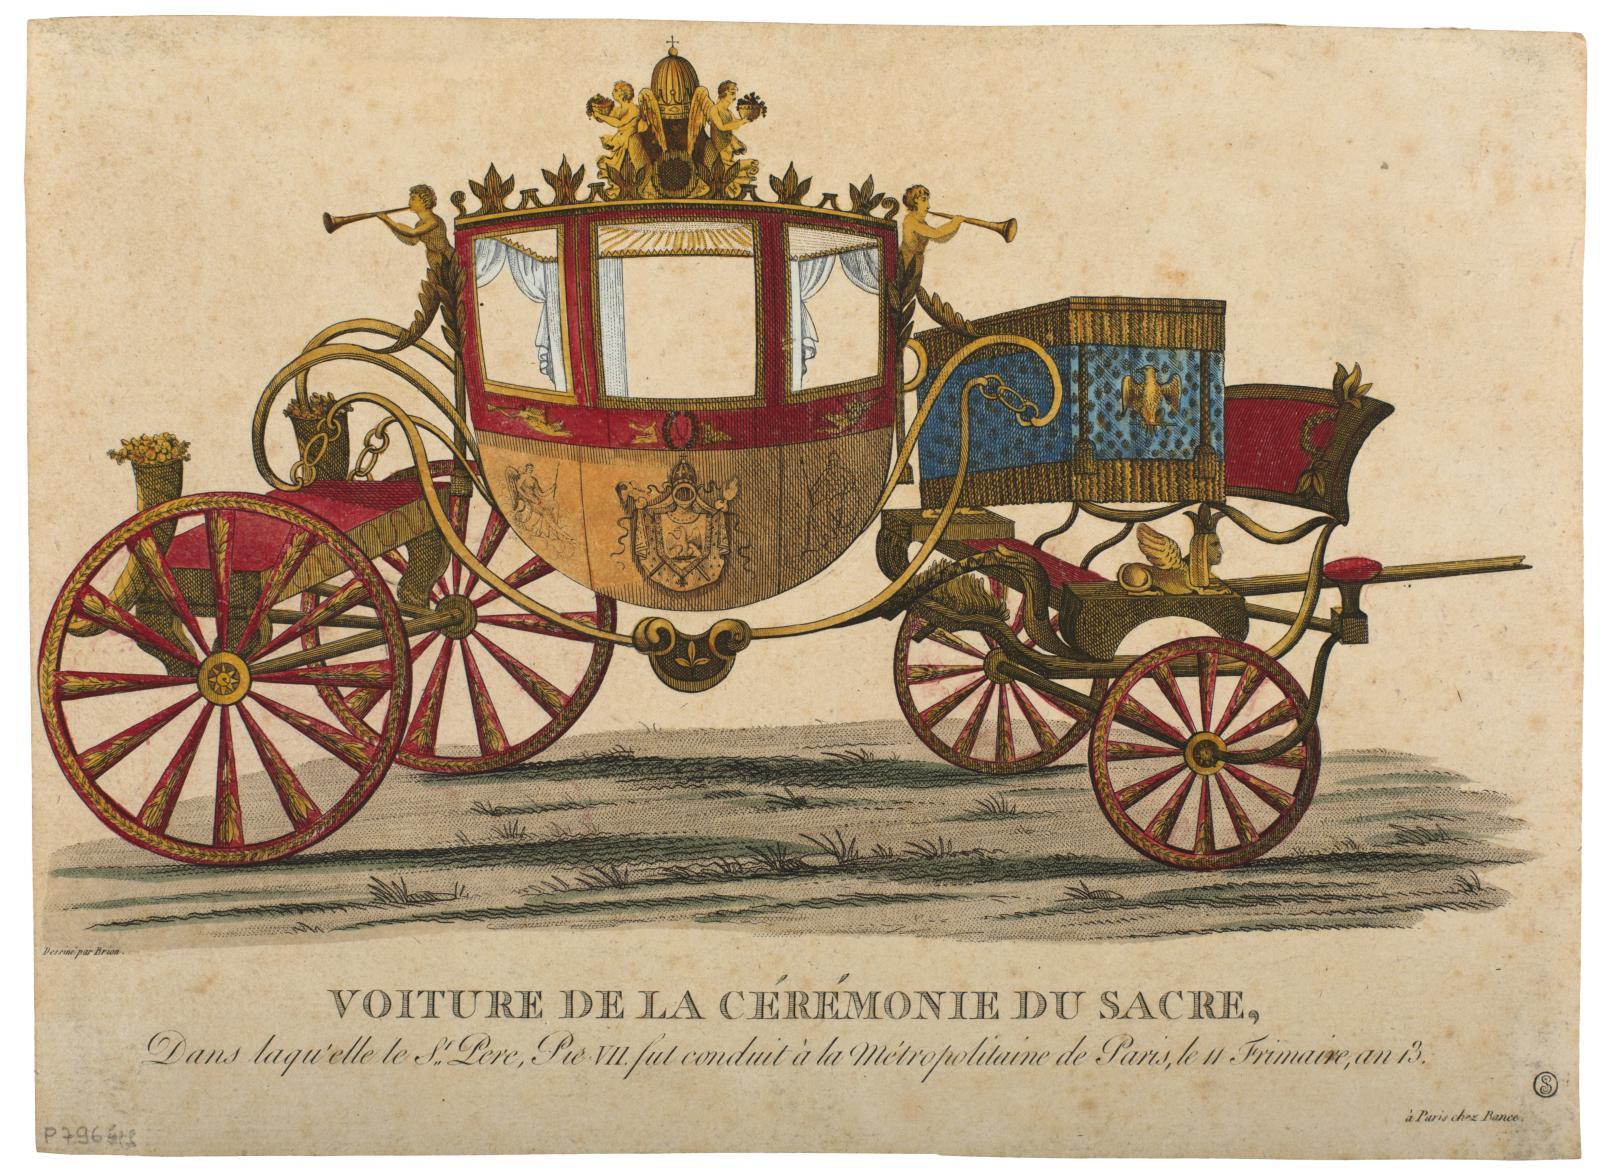 Voiture de la cérémonie du Sacre, dans laquelle le St Père, Pie VII, fut conduit à la Métropolitaine de Paris,le 11frimaire, an13, Louis Brion de la